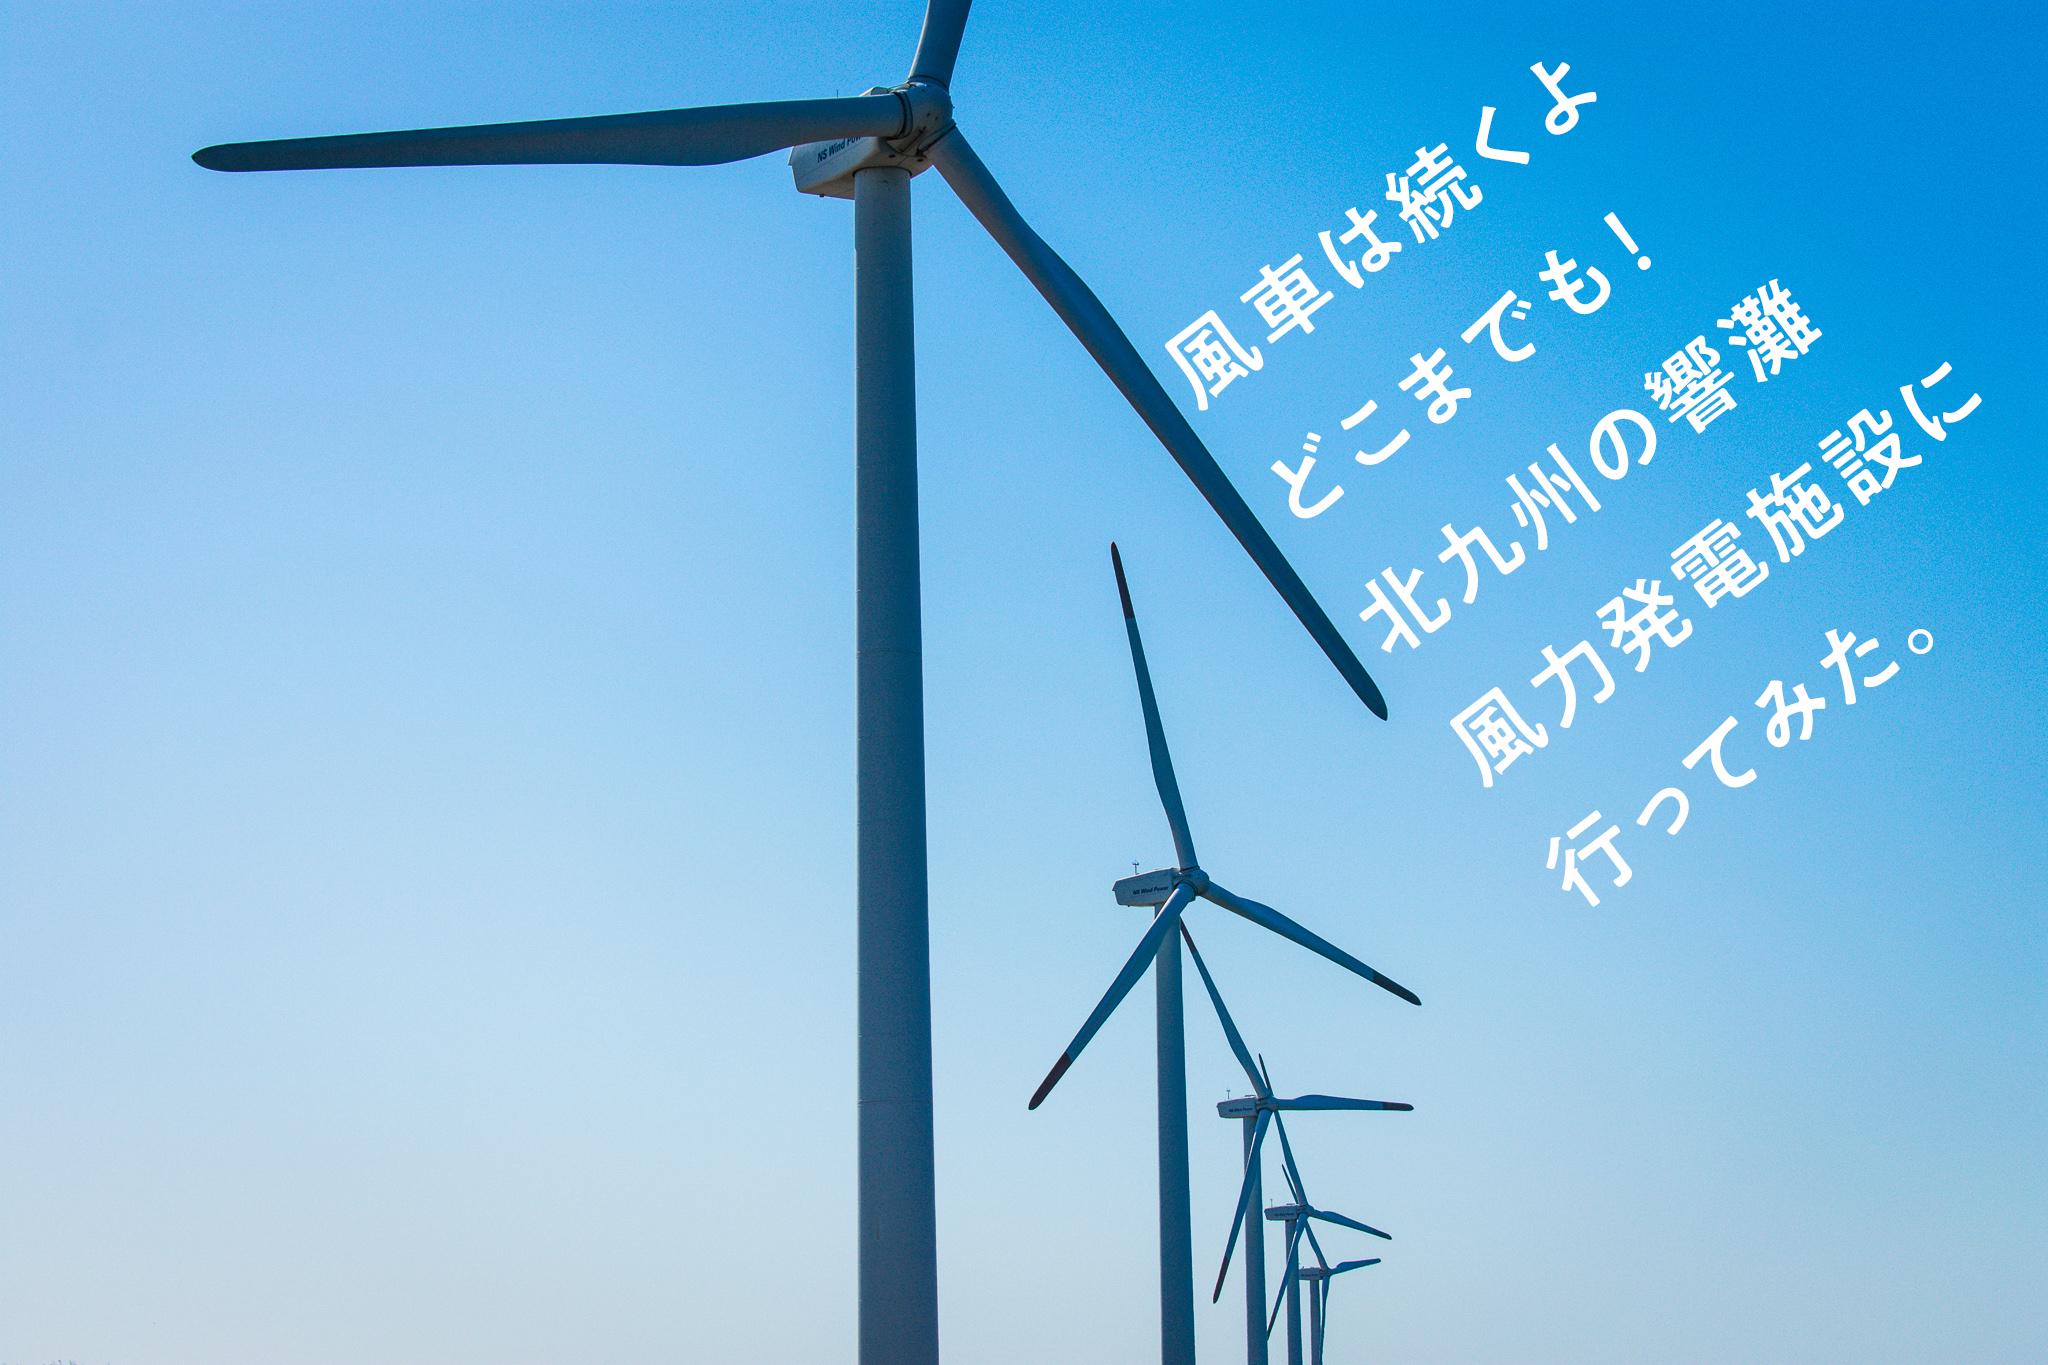 風車は続くよどこまでも!北九州の響灘風力発電施設に行ってみた